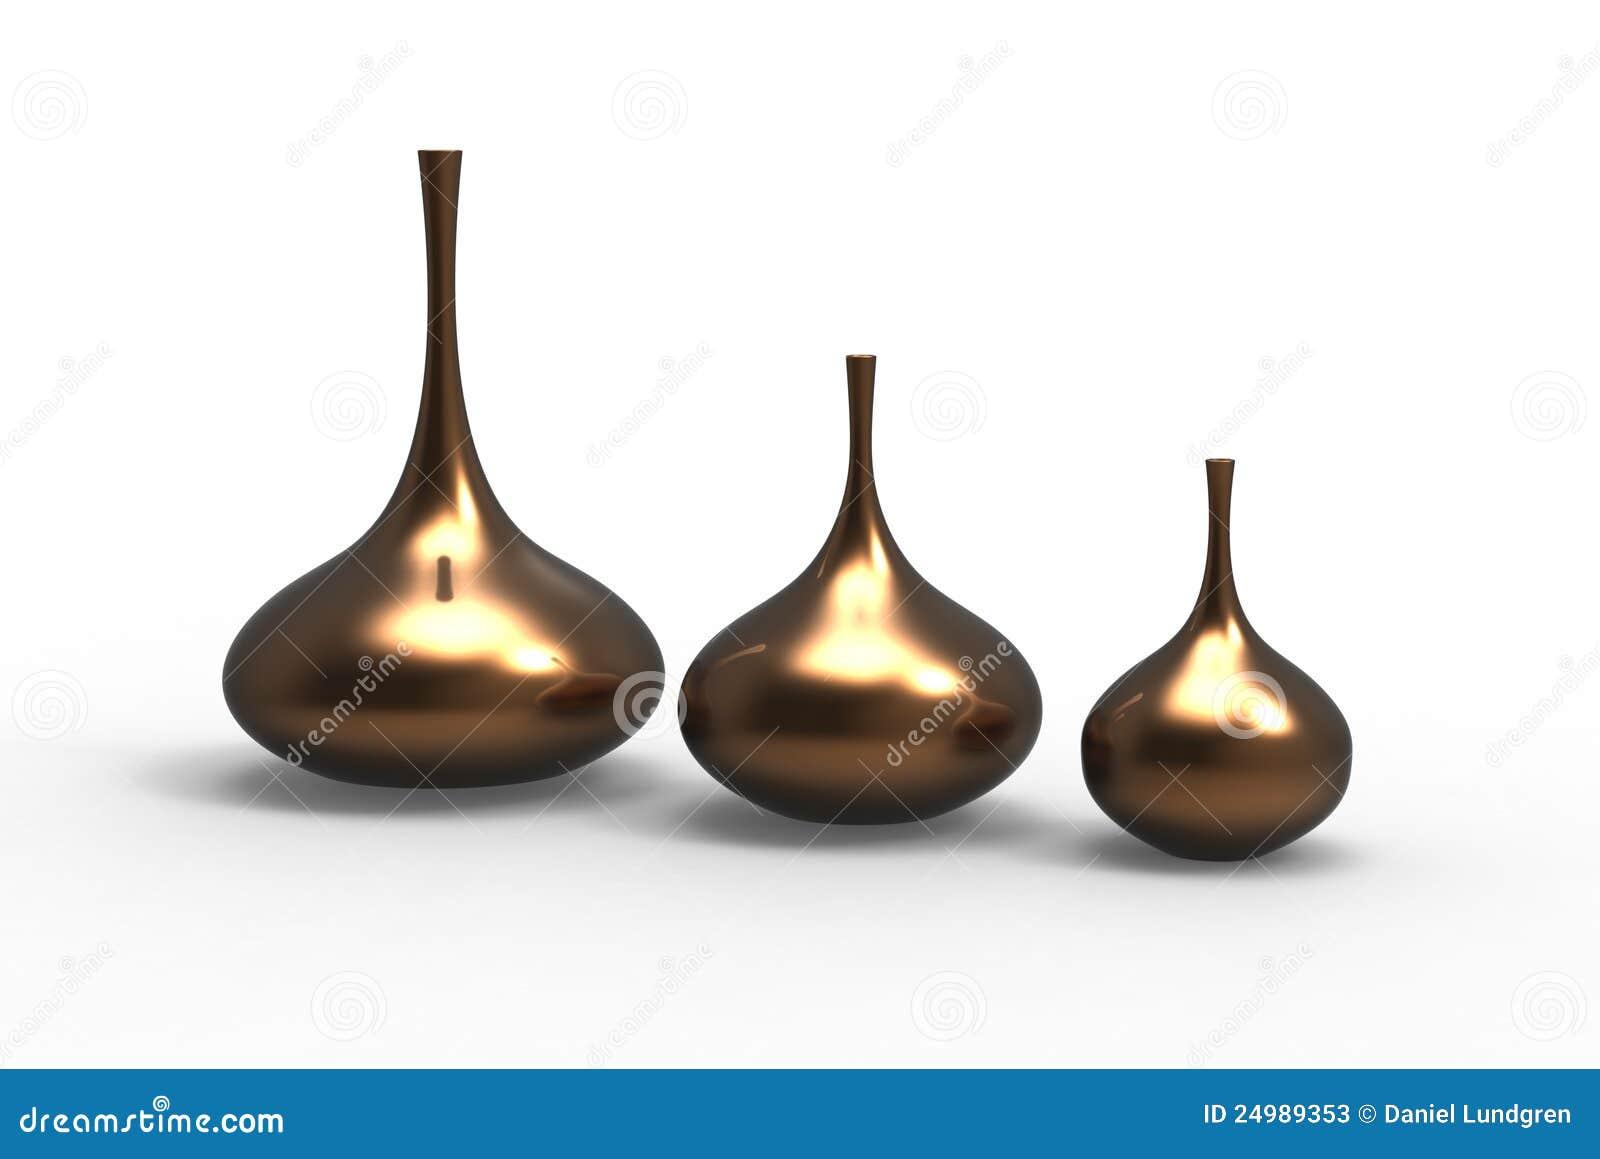 set of modern vases stock photos image 24989353. Black Bedroom Furniture Sets. Home Design Ideas